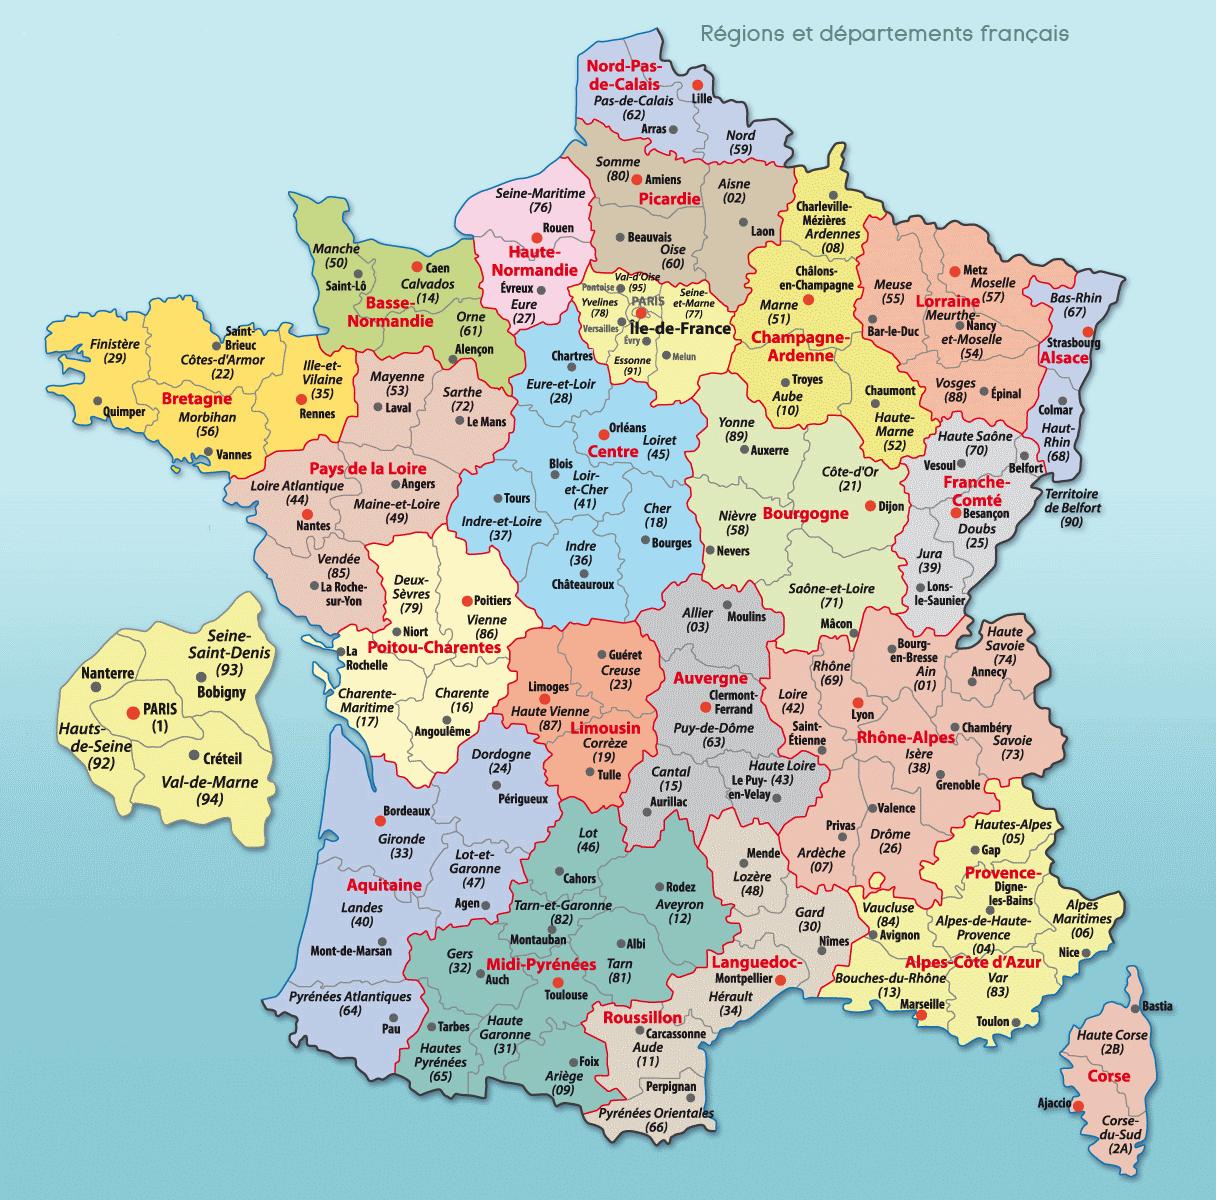 Cartes De France : Cartes Des Régions, Départements Et concernant Carte De Region De France